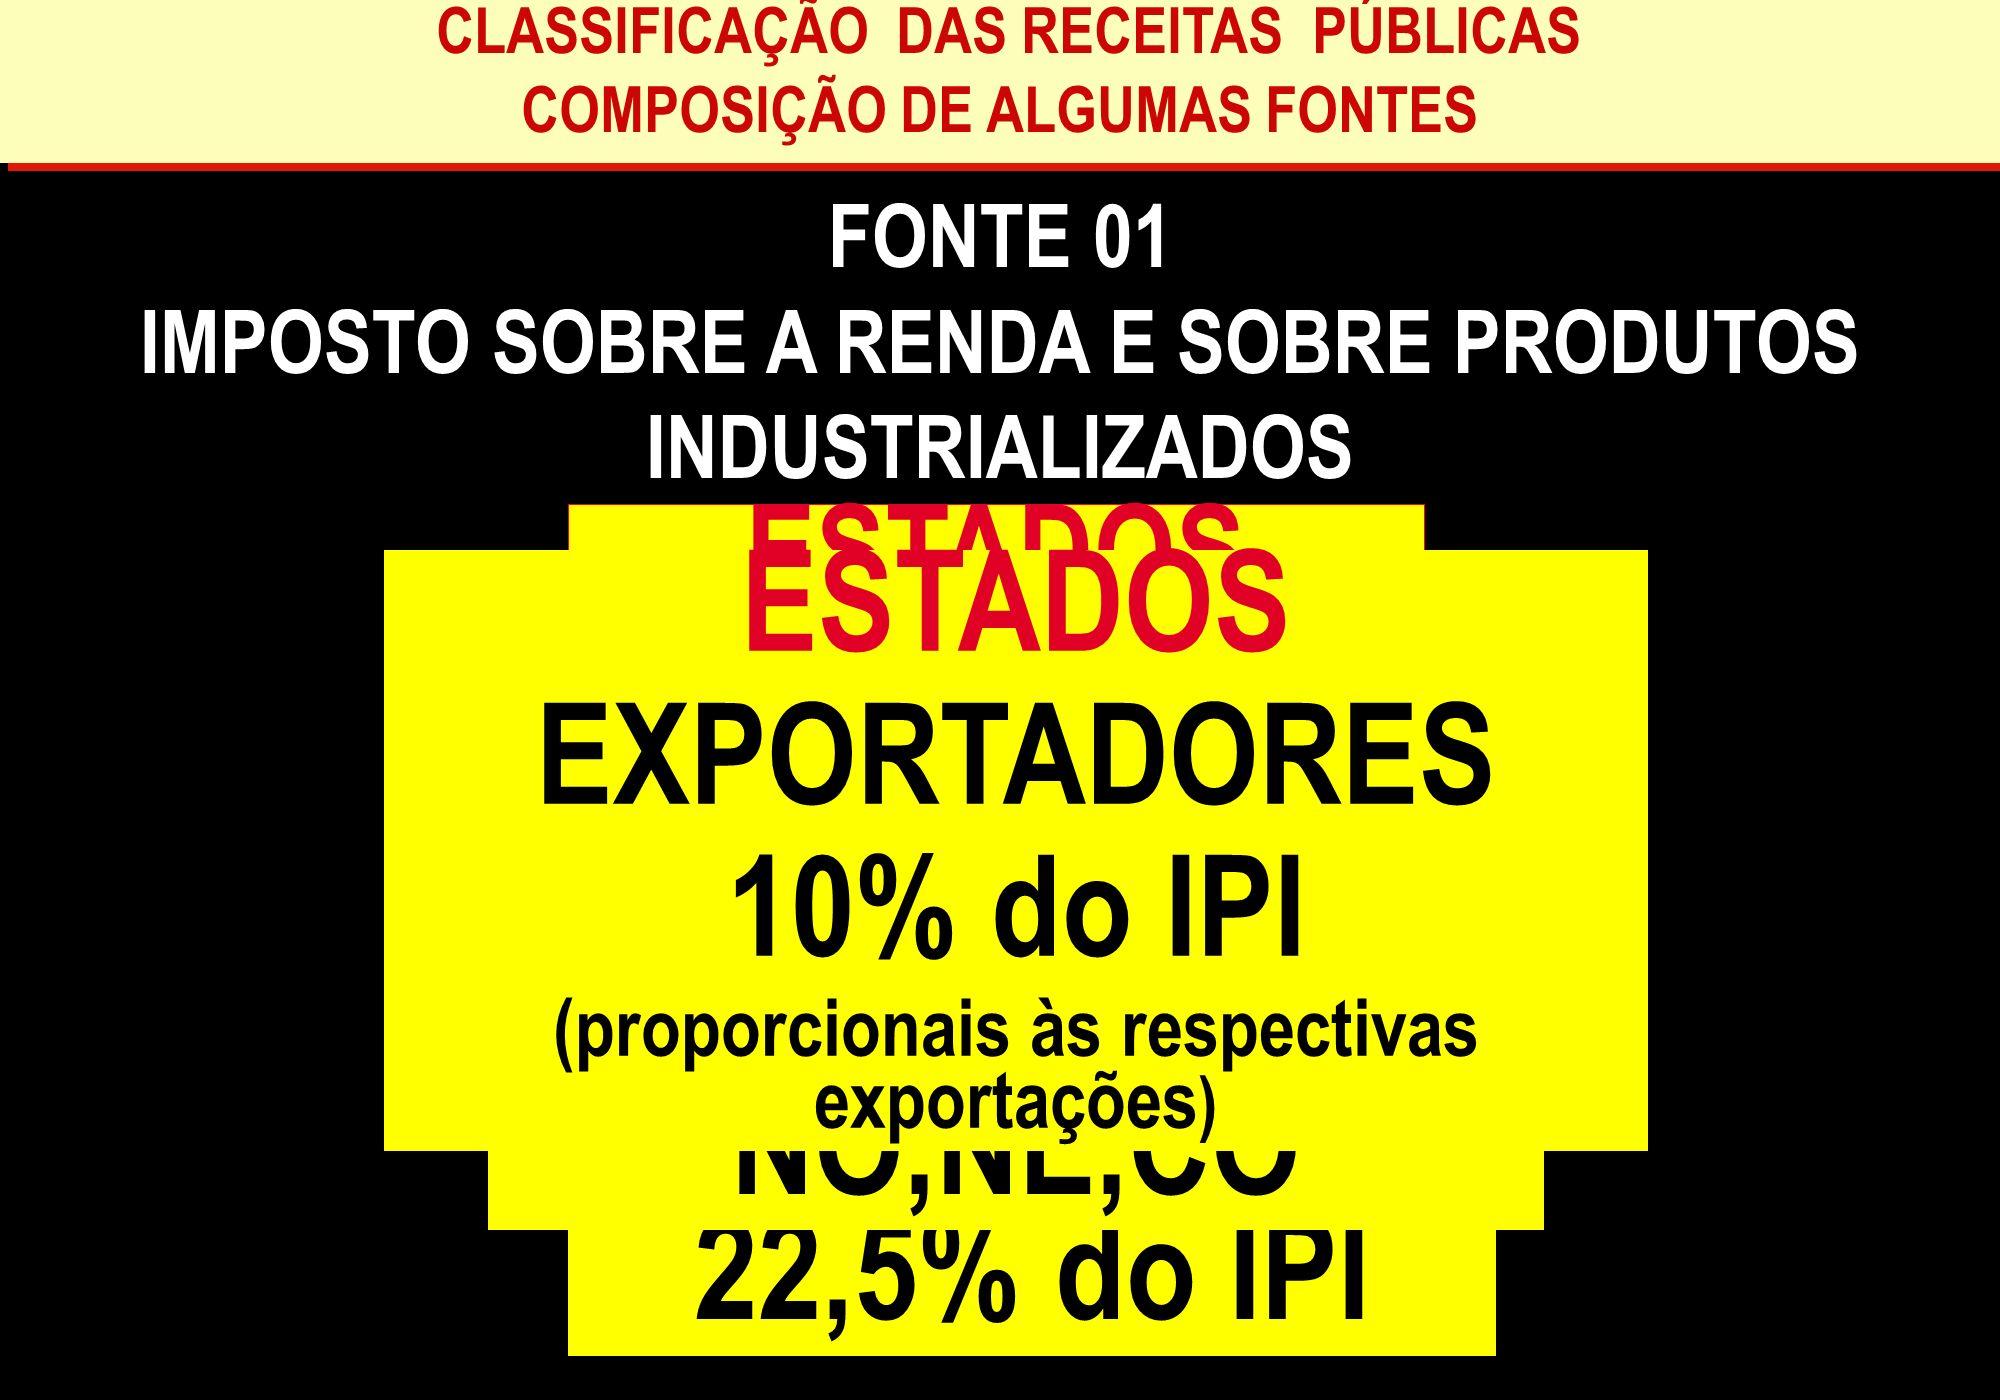 ESTADOS REGIÕES MUNICÍPIOS EXPORTADORES 3% do IR FPM 10% do IPI